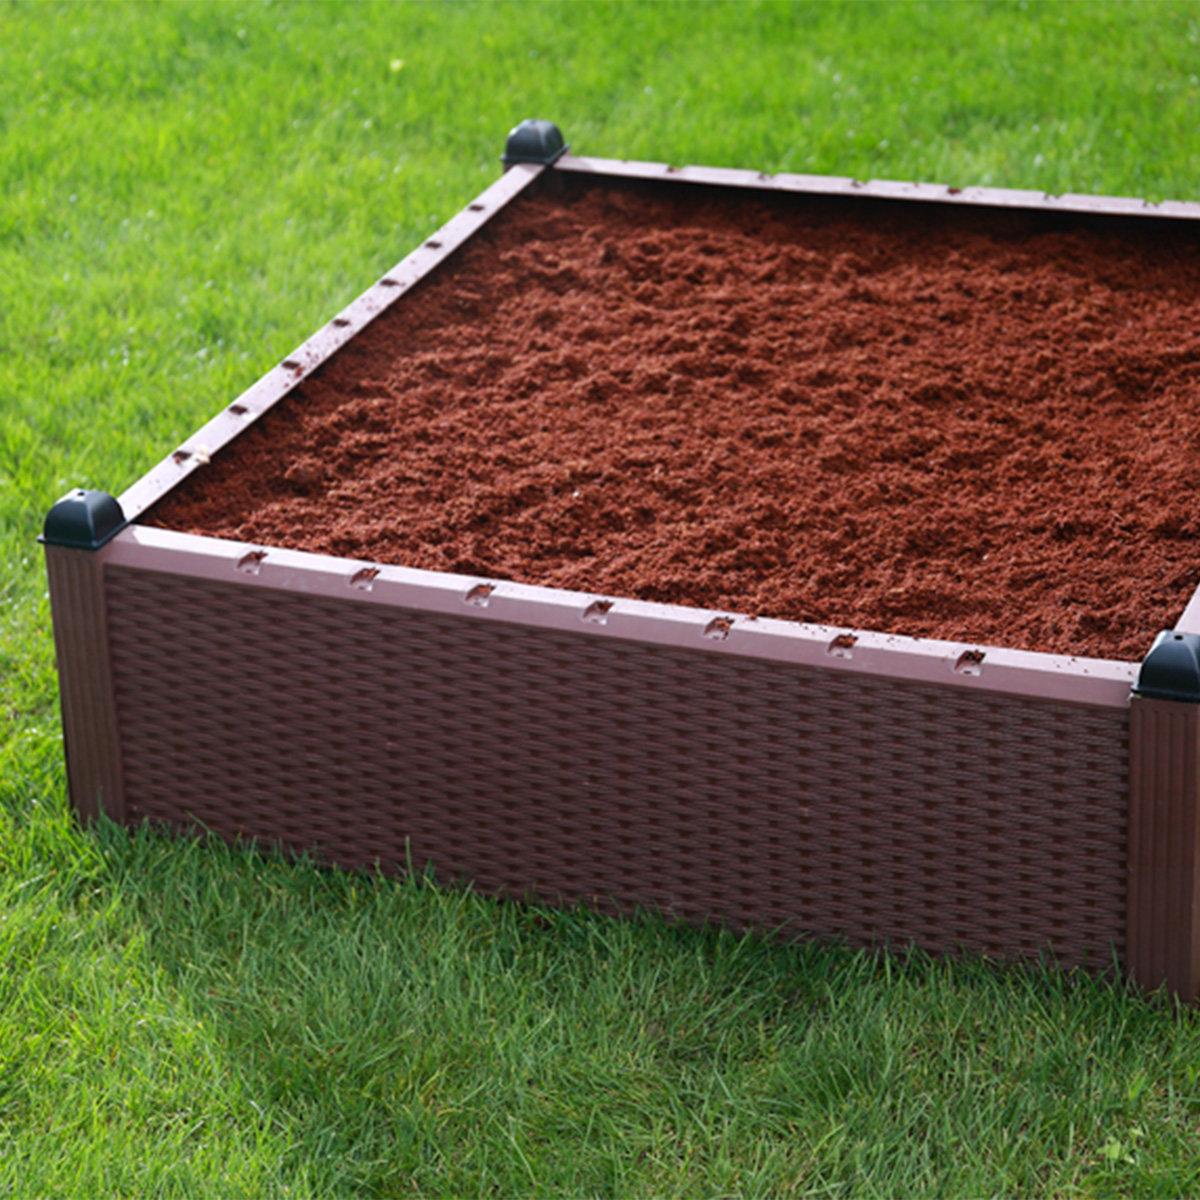 Gartenhochbeet Kunststoff Braun 99 5x99 5x30 Cm Online Kaufen Bei